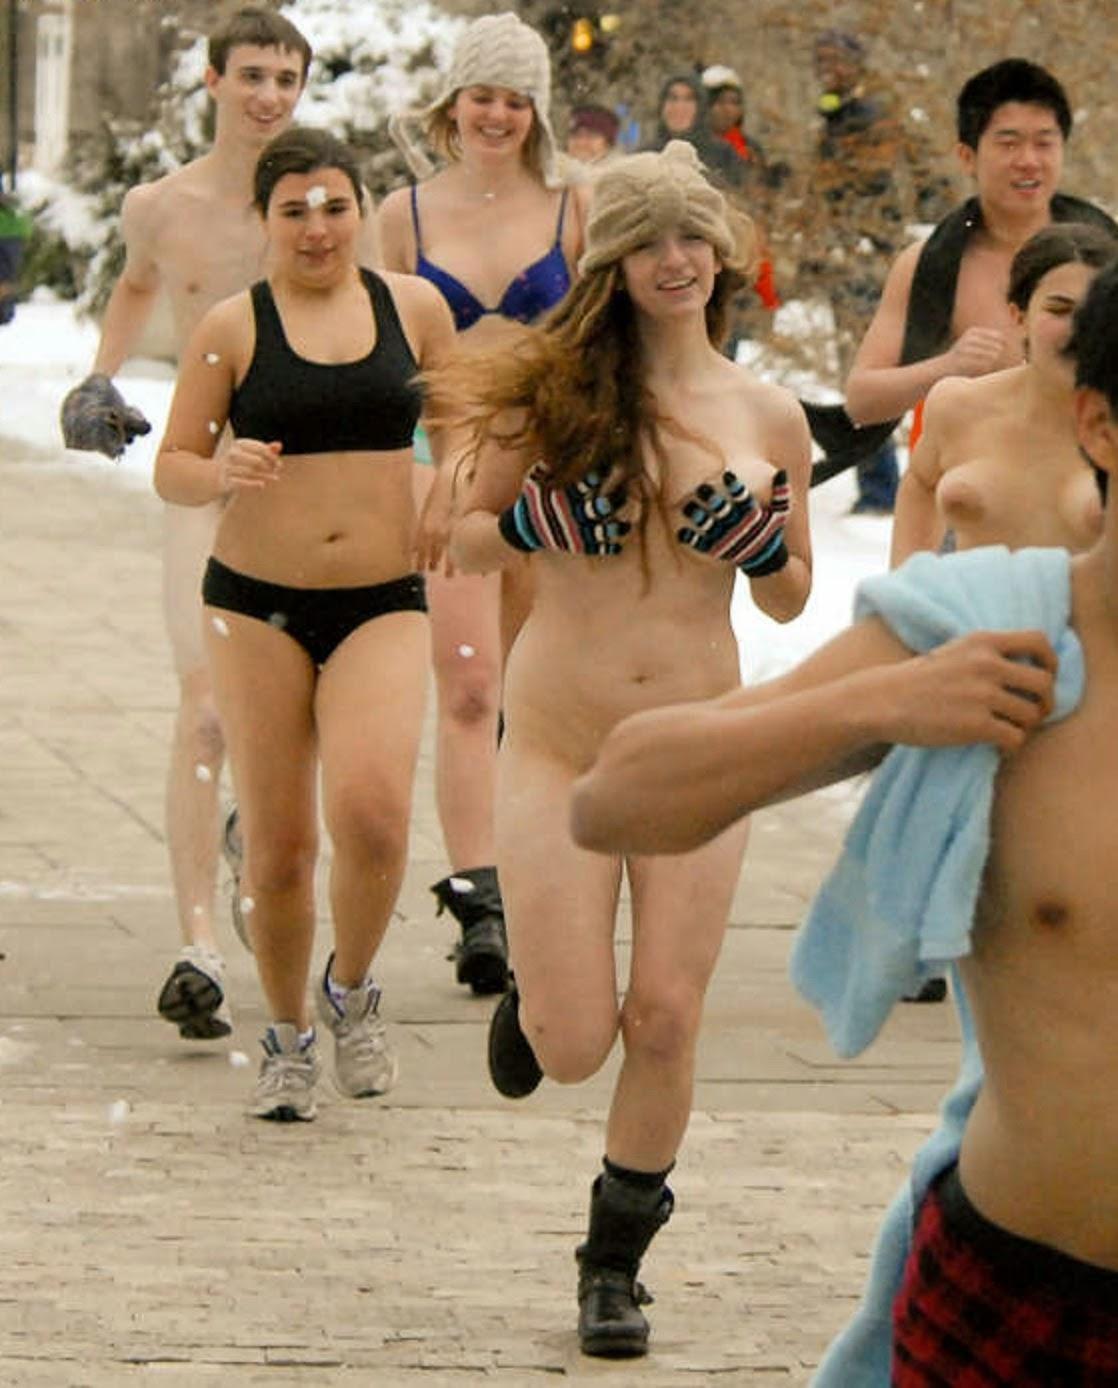 Bismarchi nude pictures